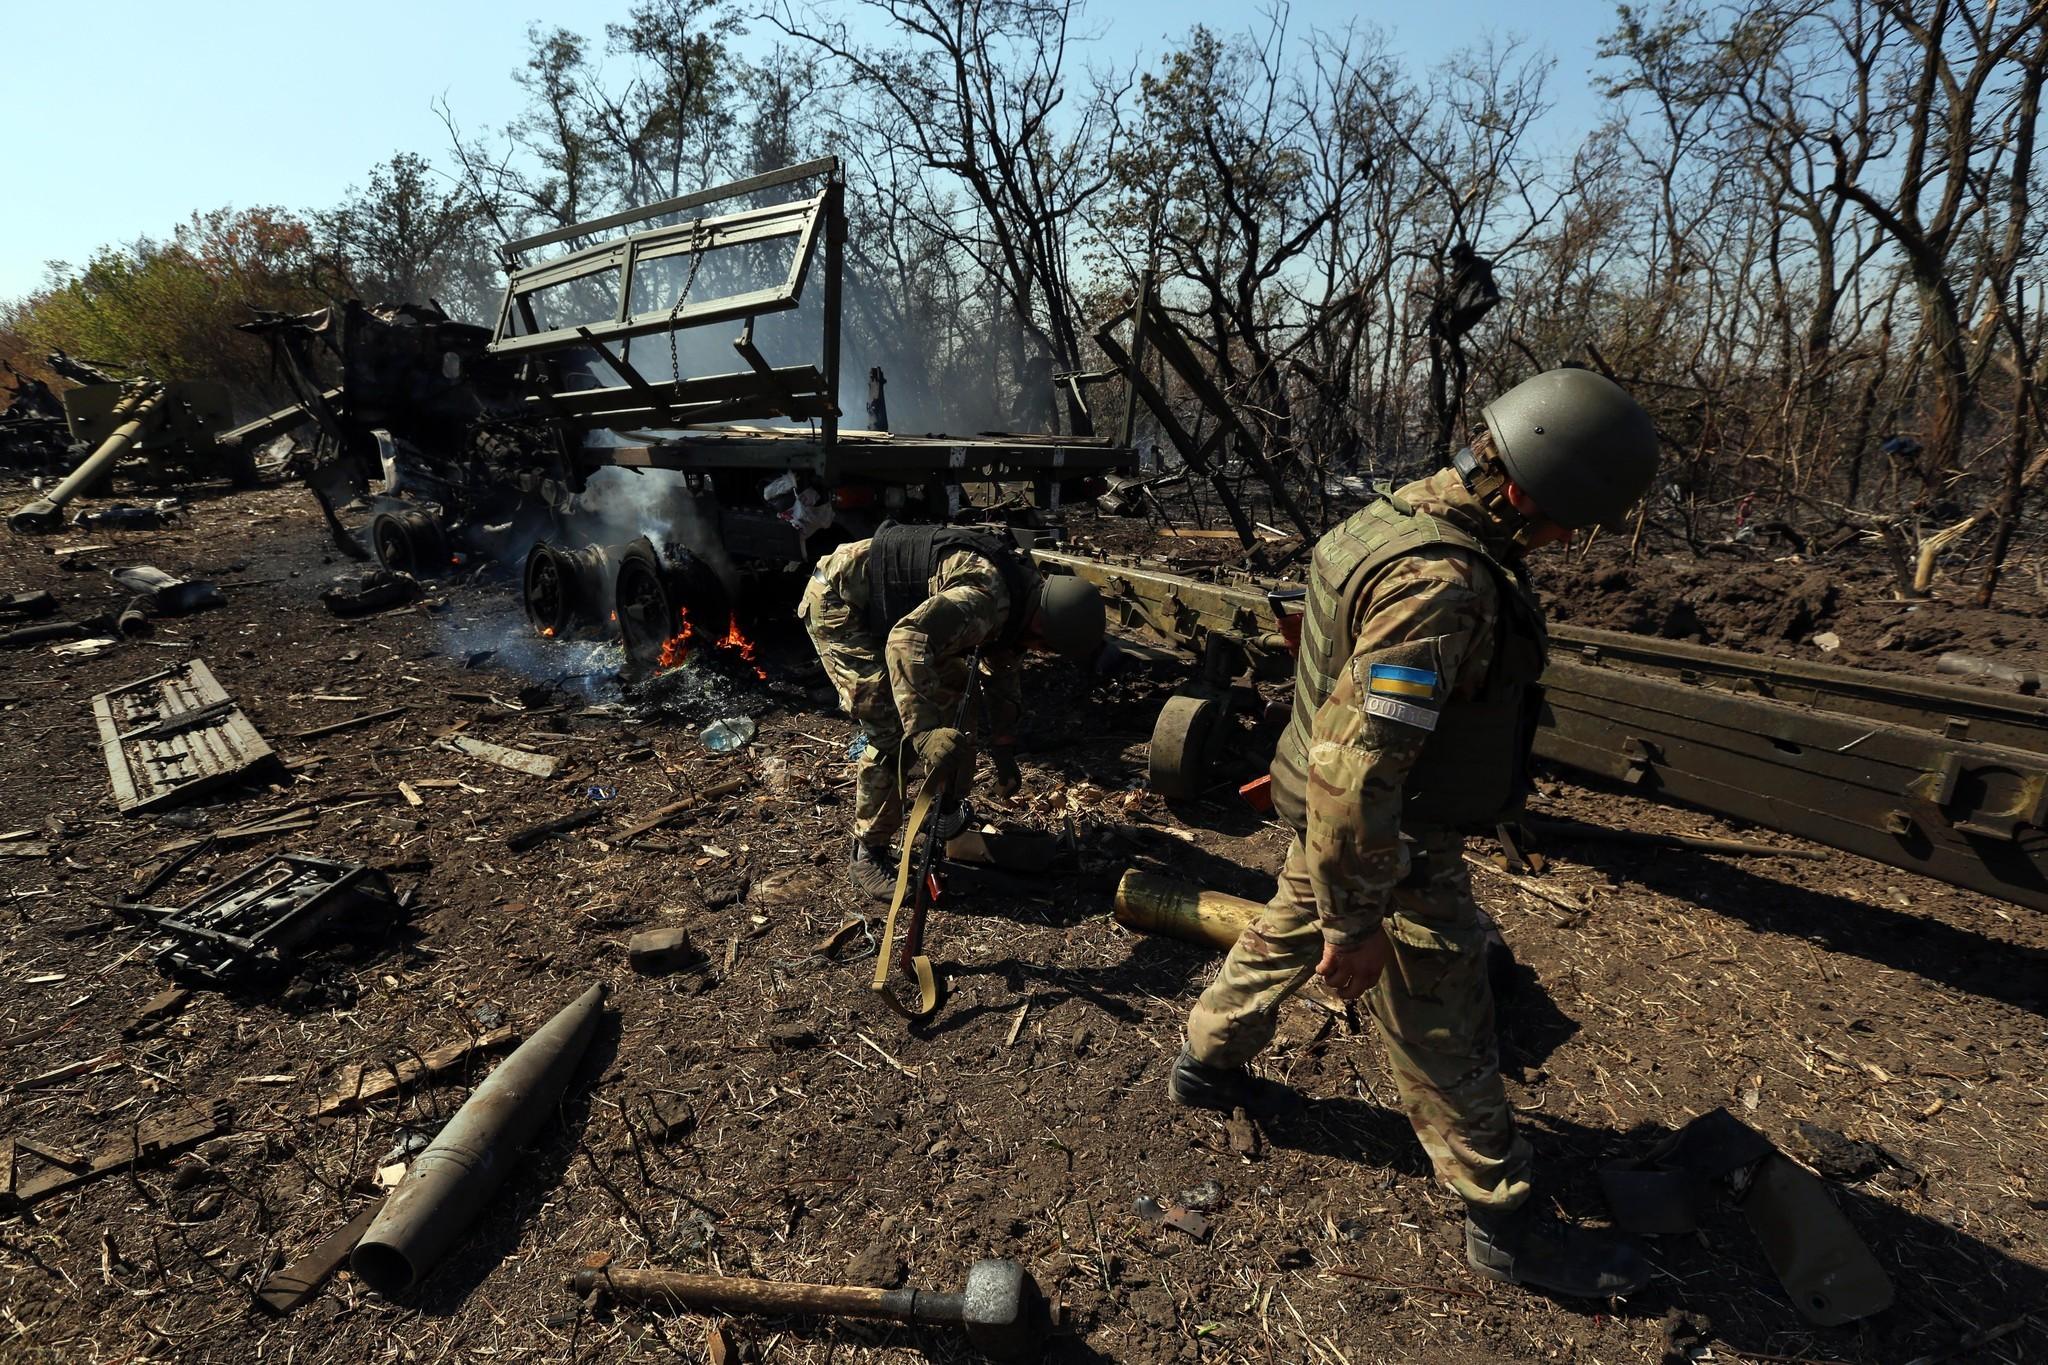 la-fg-ukrainia-mariupol-fighting-20140905